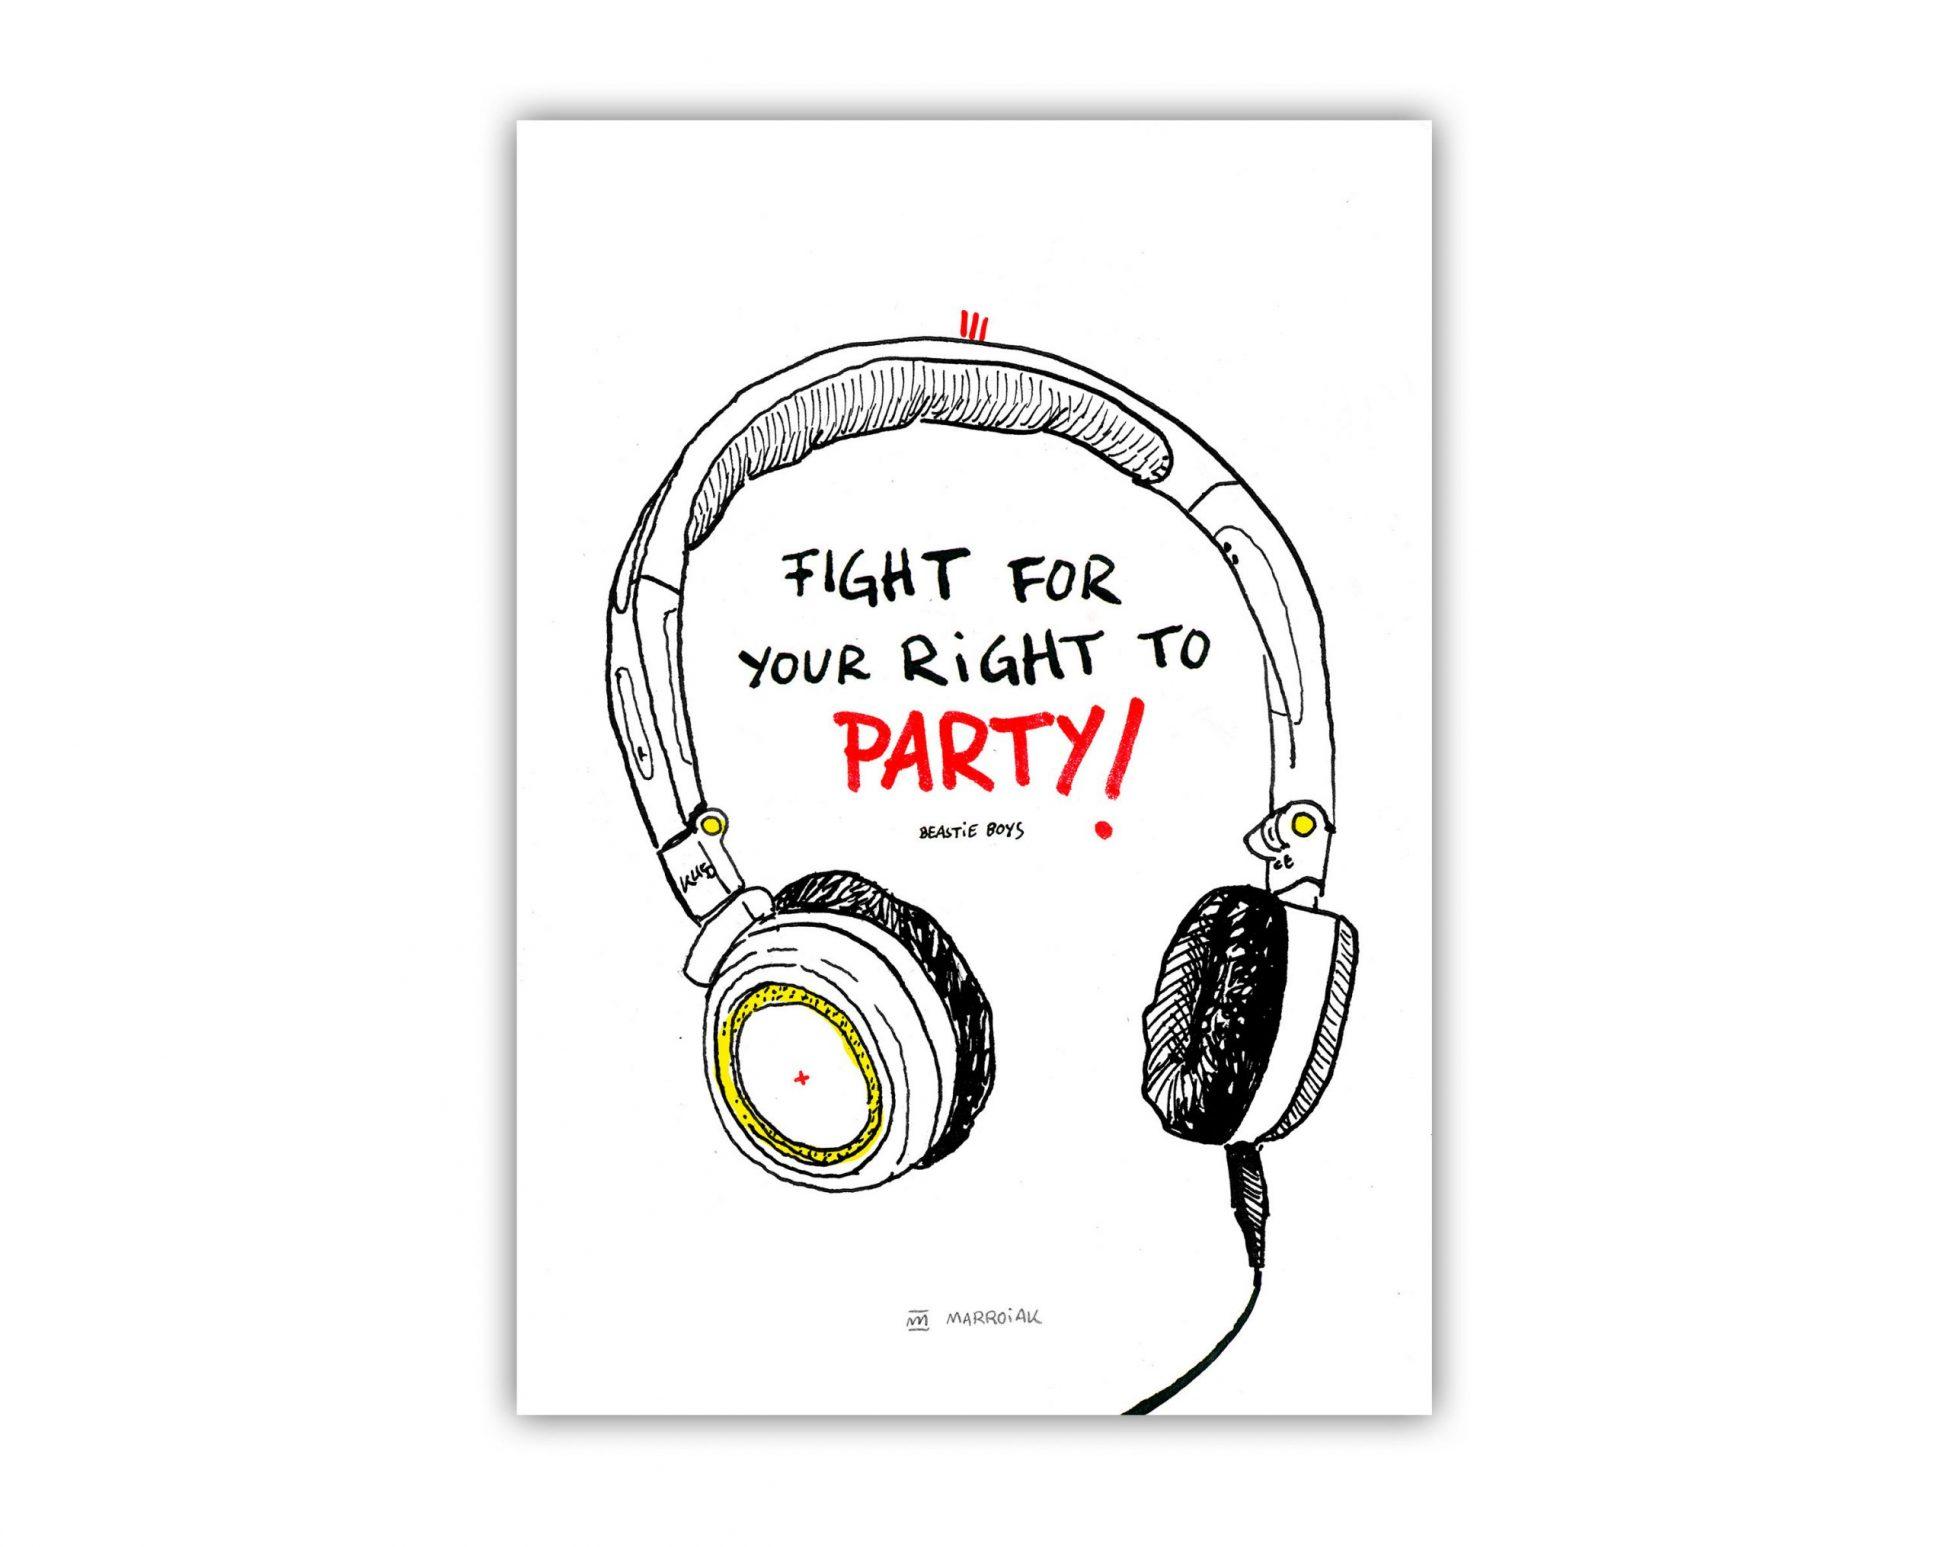 Lámina con un dibujo de la frase de los beastie boys, Fight for your right to party